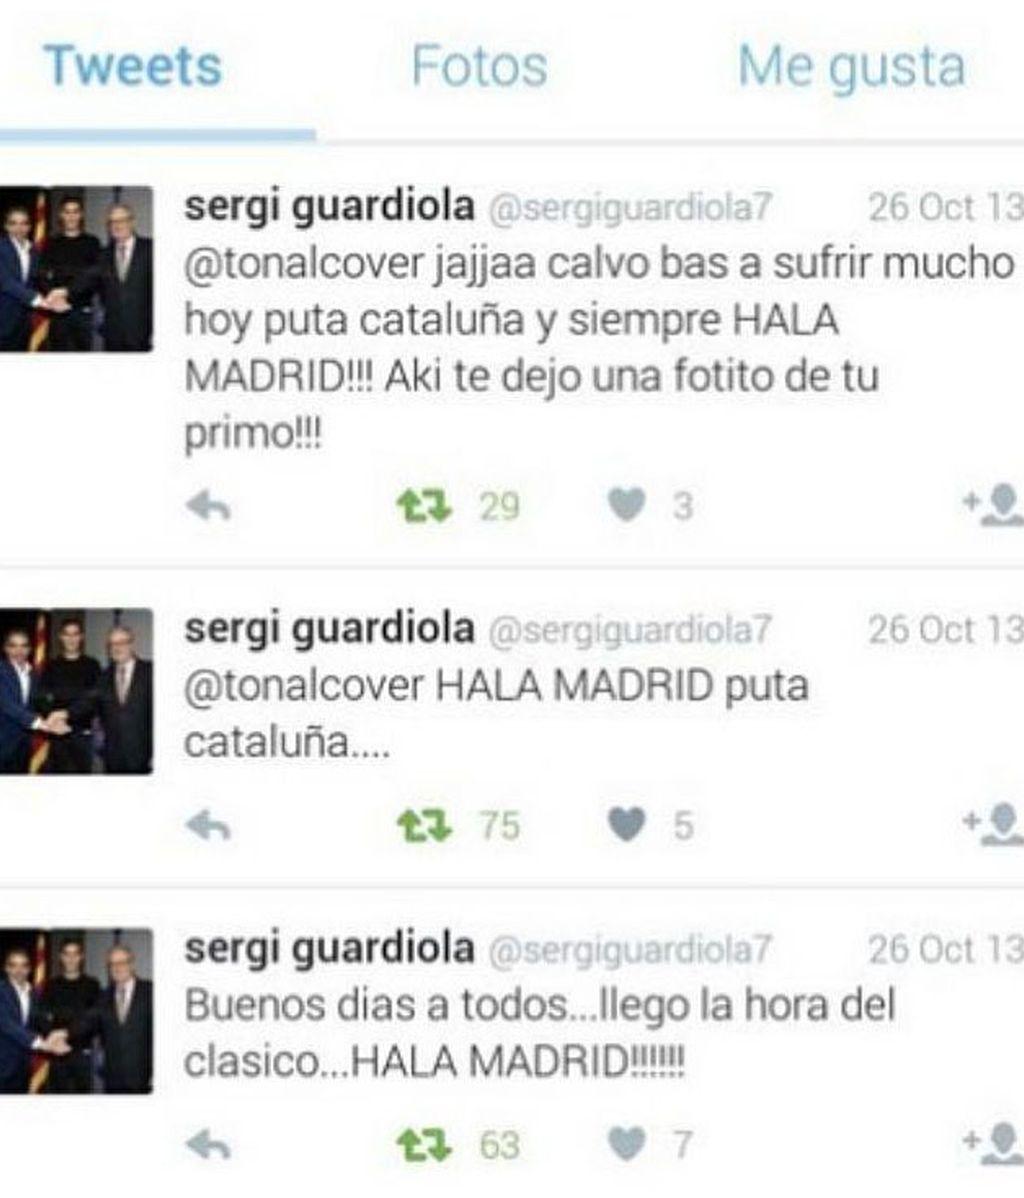 Tuits Sergi Guardiola